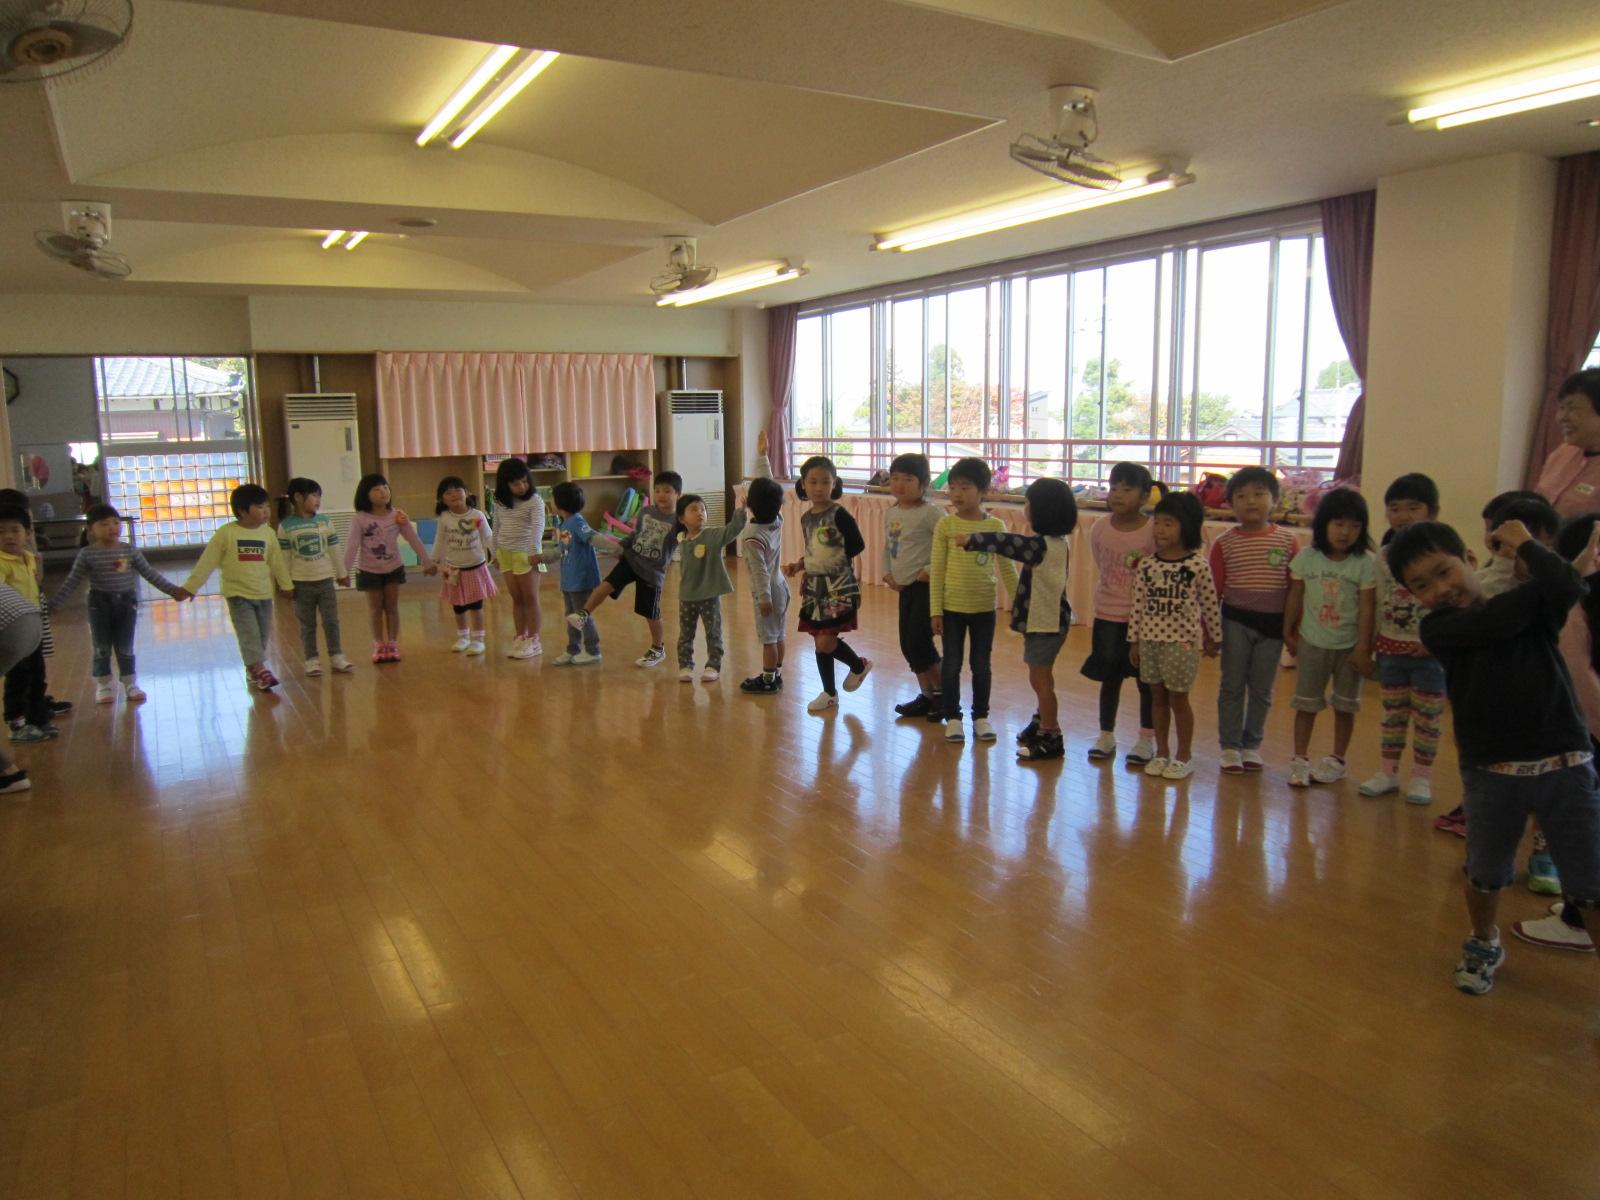 小合東幼稚園に行ってきました!_a0180348_1853168.jpg